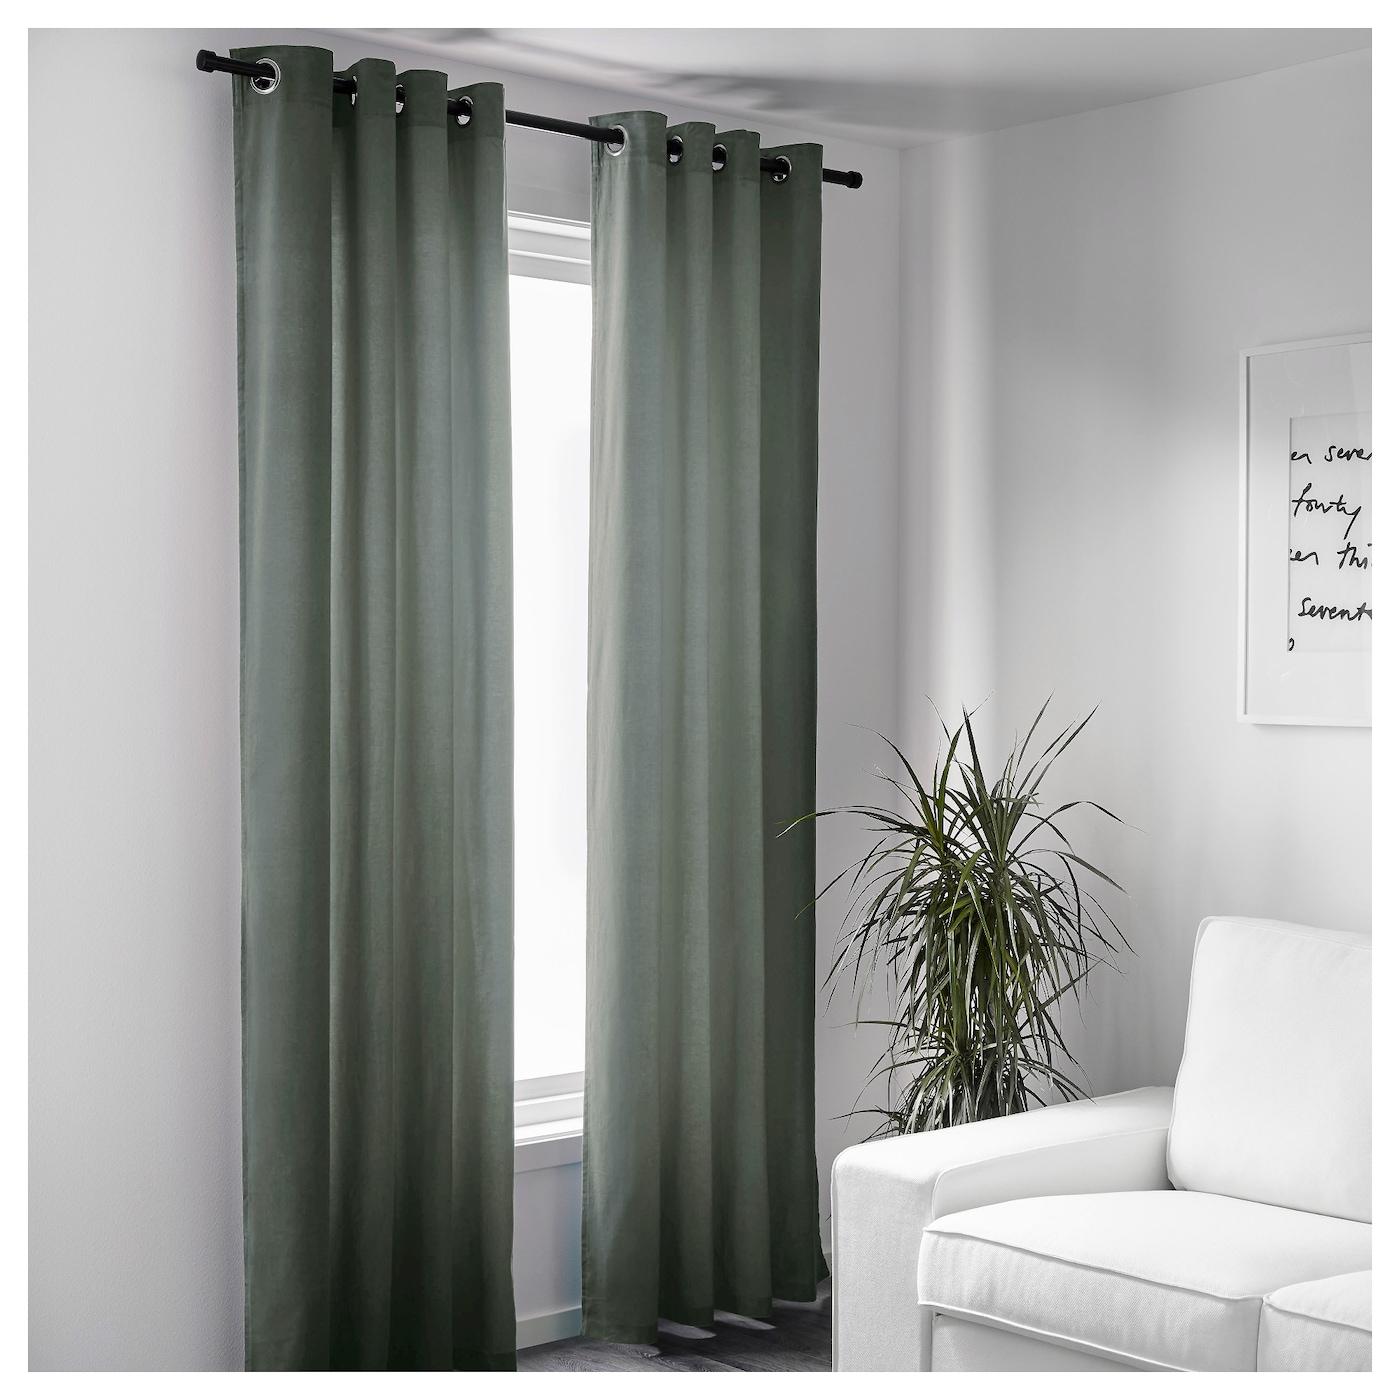 Sanela rideaux 1 paire gris vert 140 x 300 cm ikea - Rideaux 300 cm ...